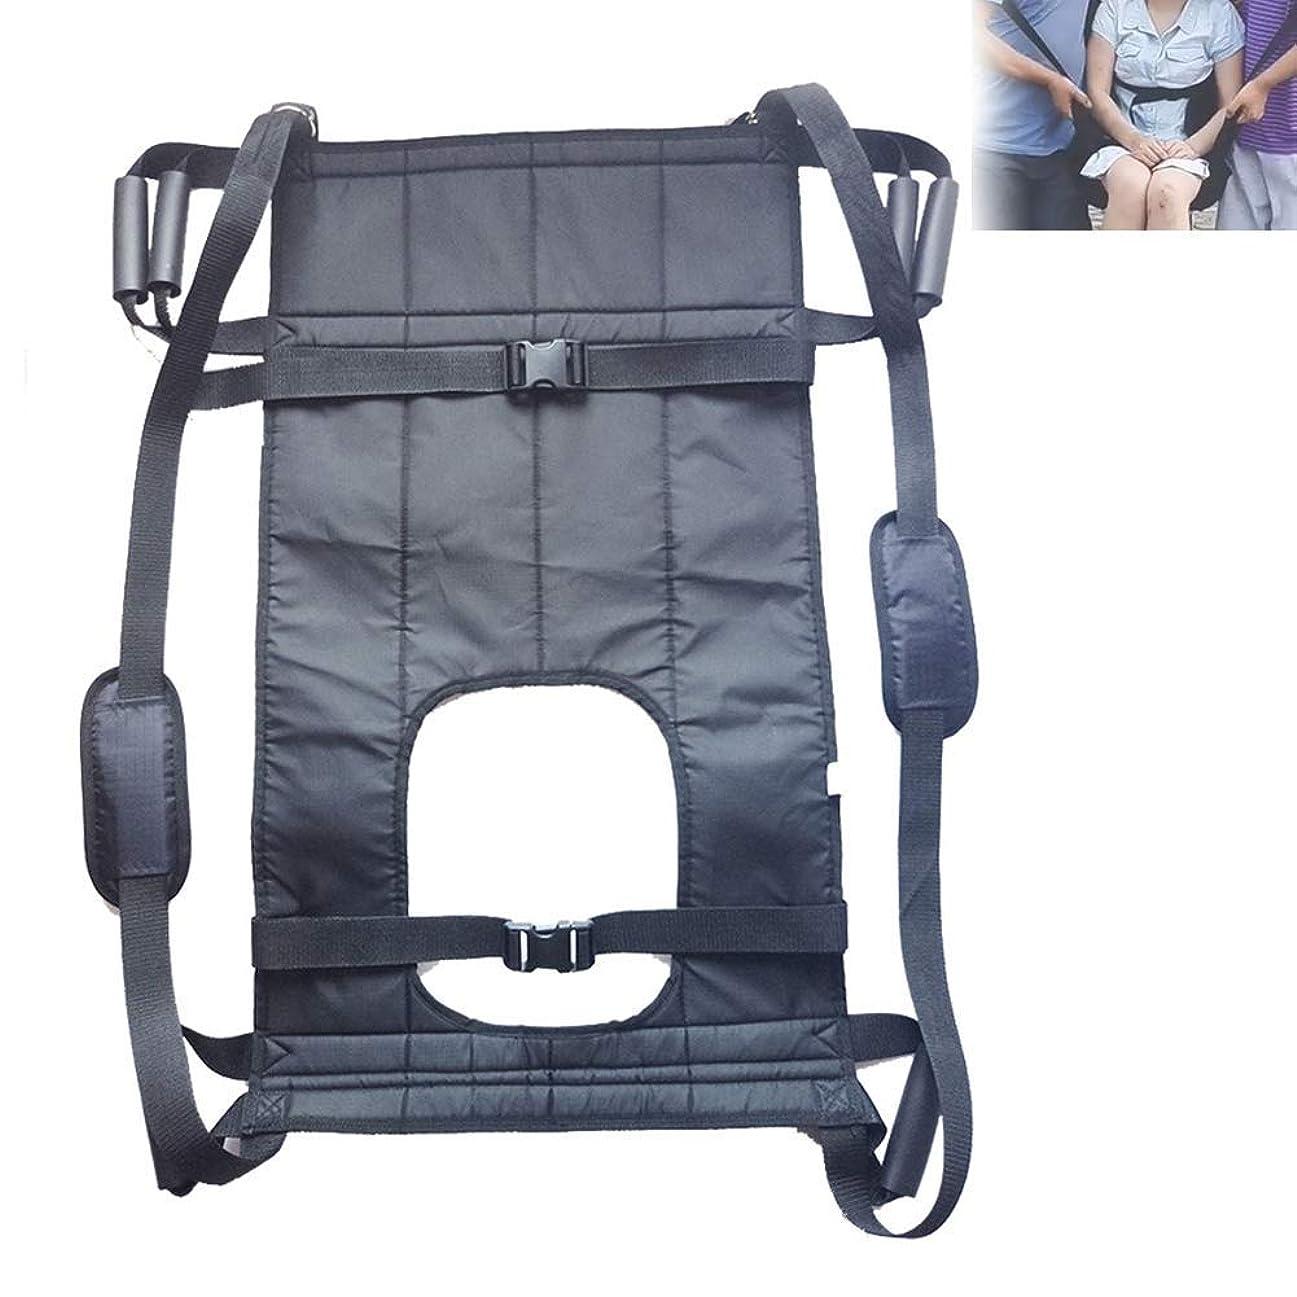 添加剤賢い大人患者用補助具パッド付き車椅子用シートベルトハンドル付きベルト、寝たきり老人介護、便器患者用のトランスファーシートパッド,Canlieflat